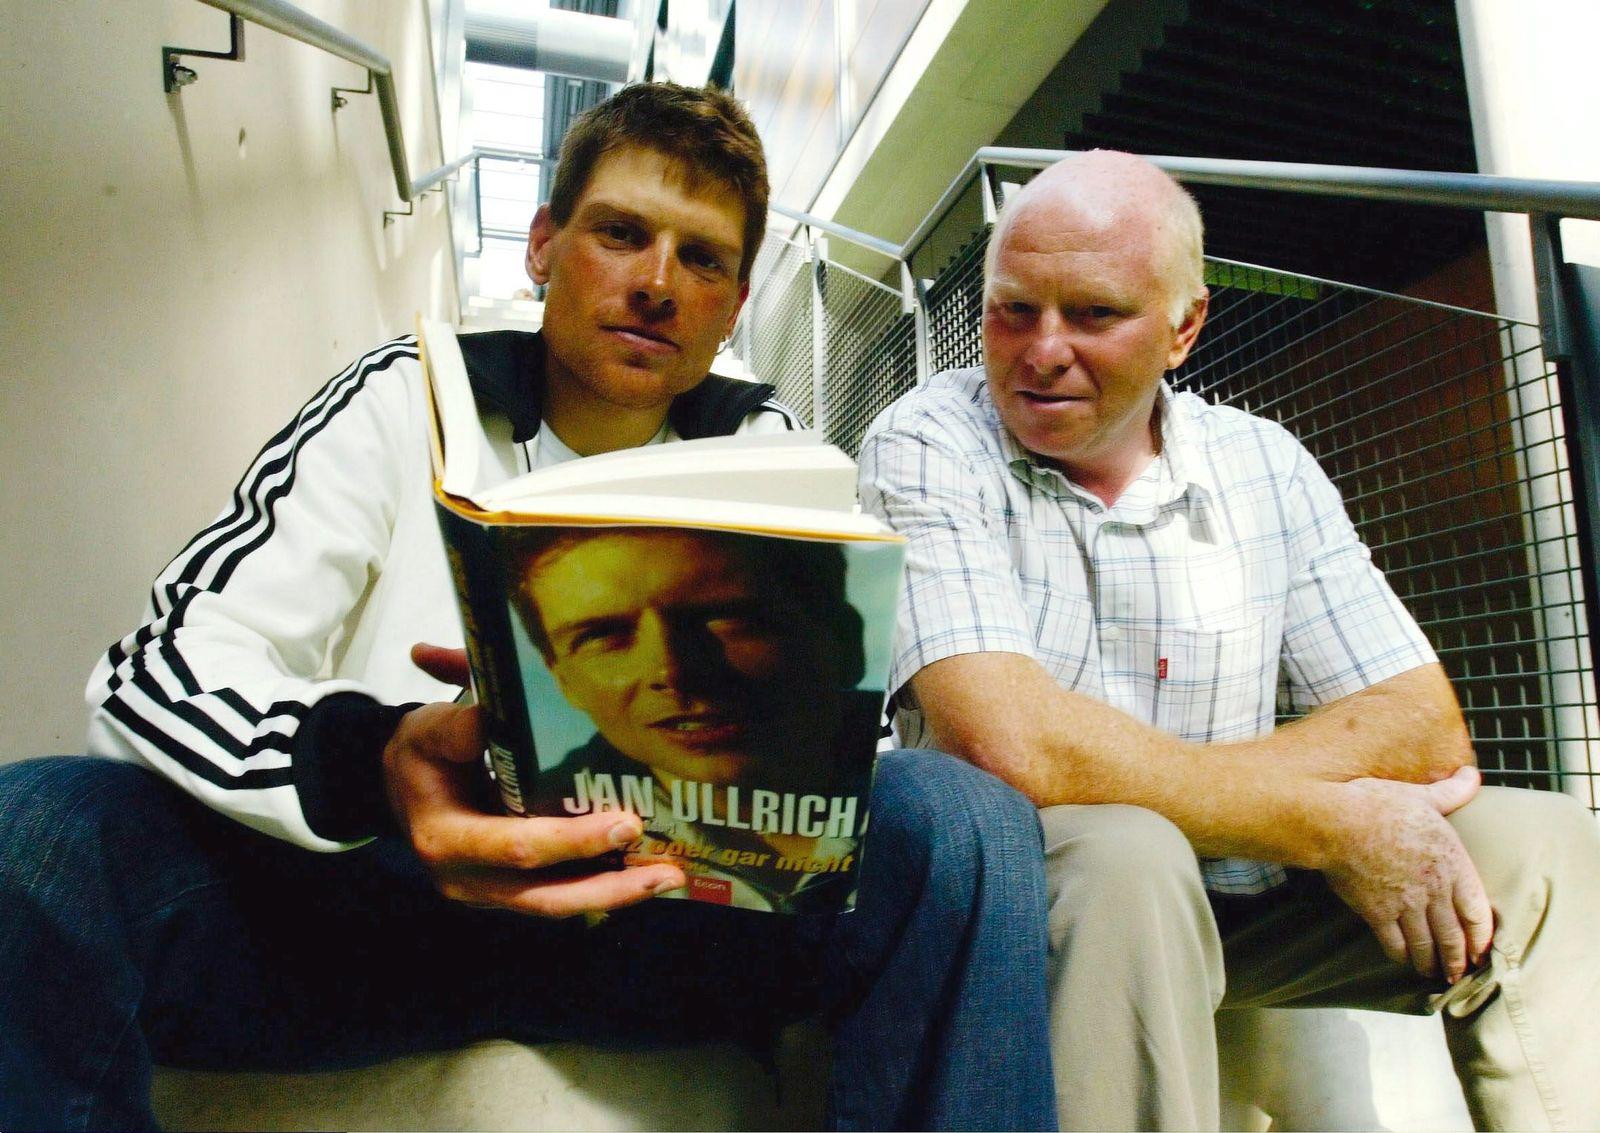 Radsport: Buchvorstellung Jan ULLRICH 2004